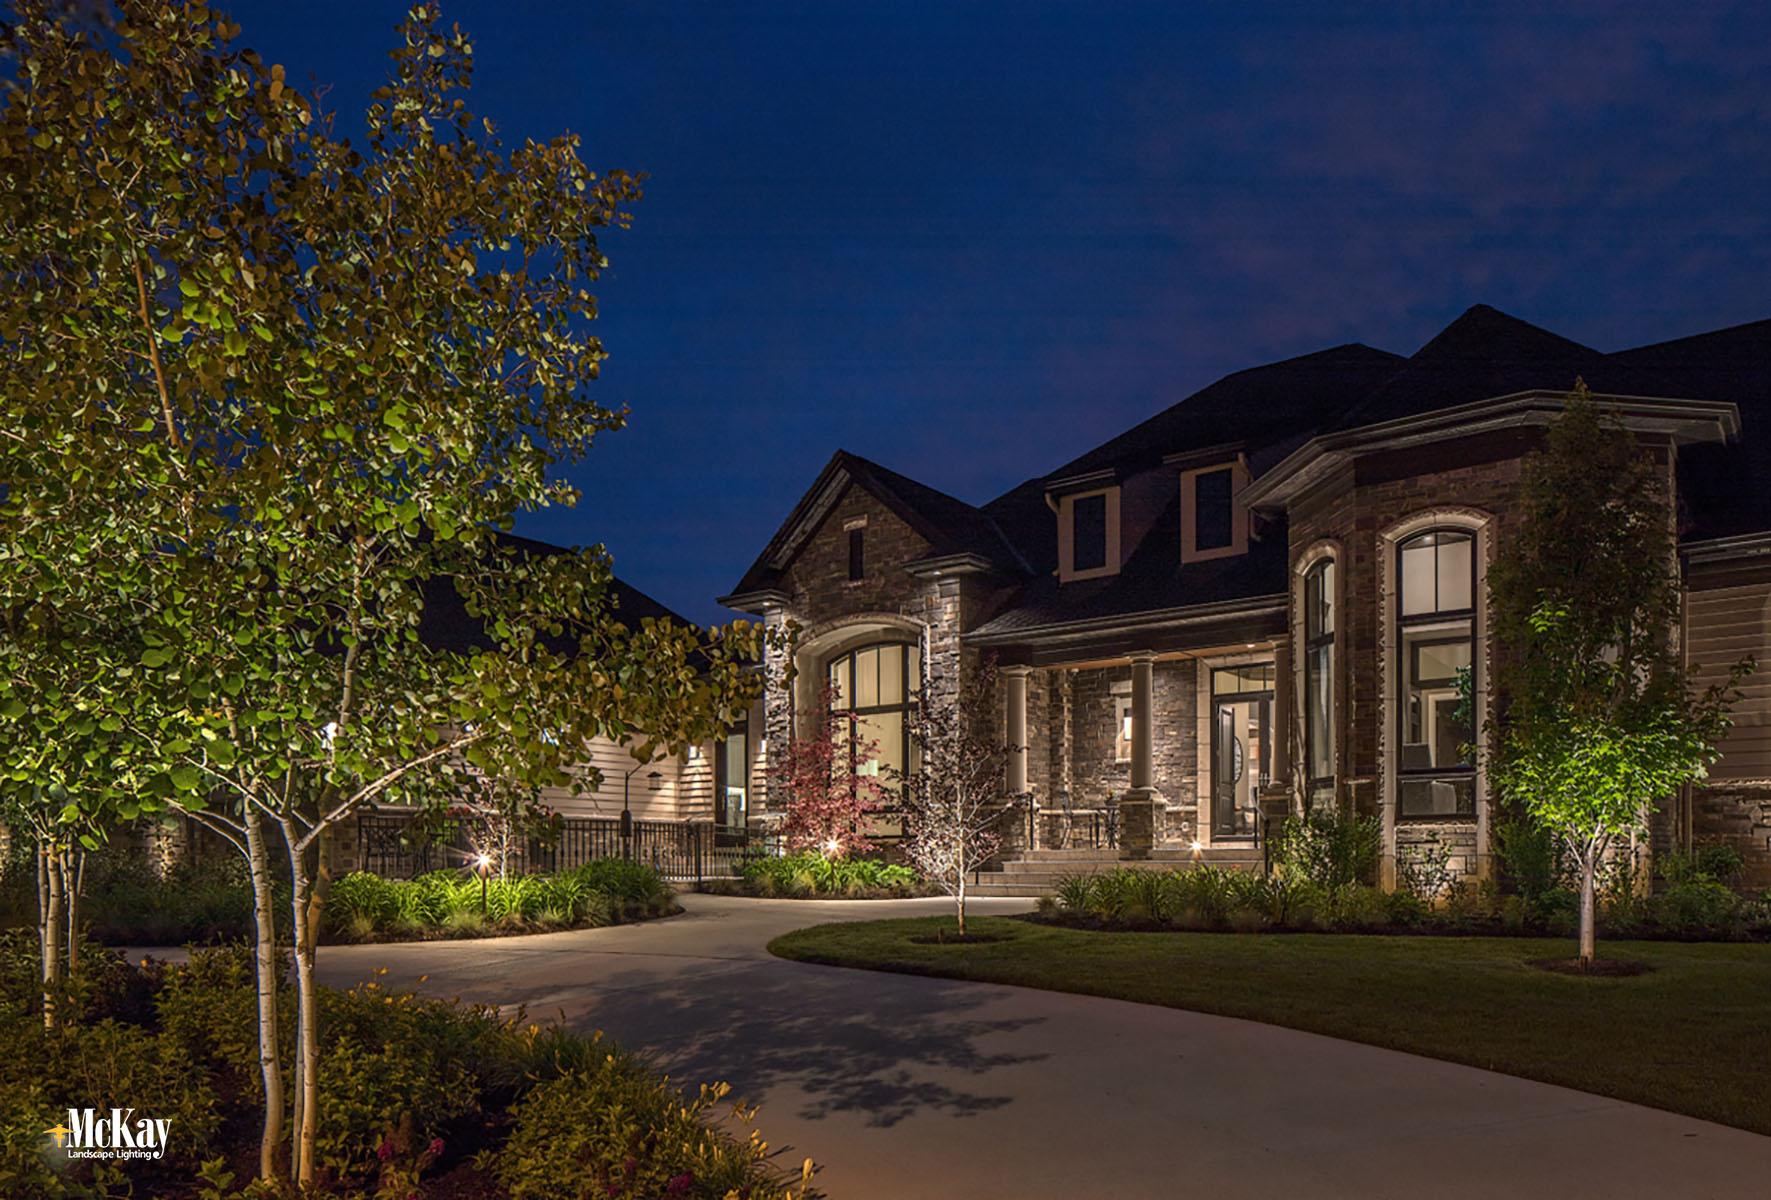 Landscape Lighting Design - Front House Outdoor Security Lighting Elkhorn Nebraska | McKay Landscape Lighting